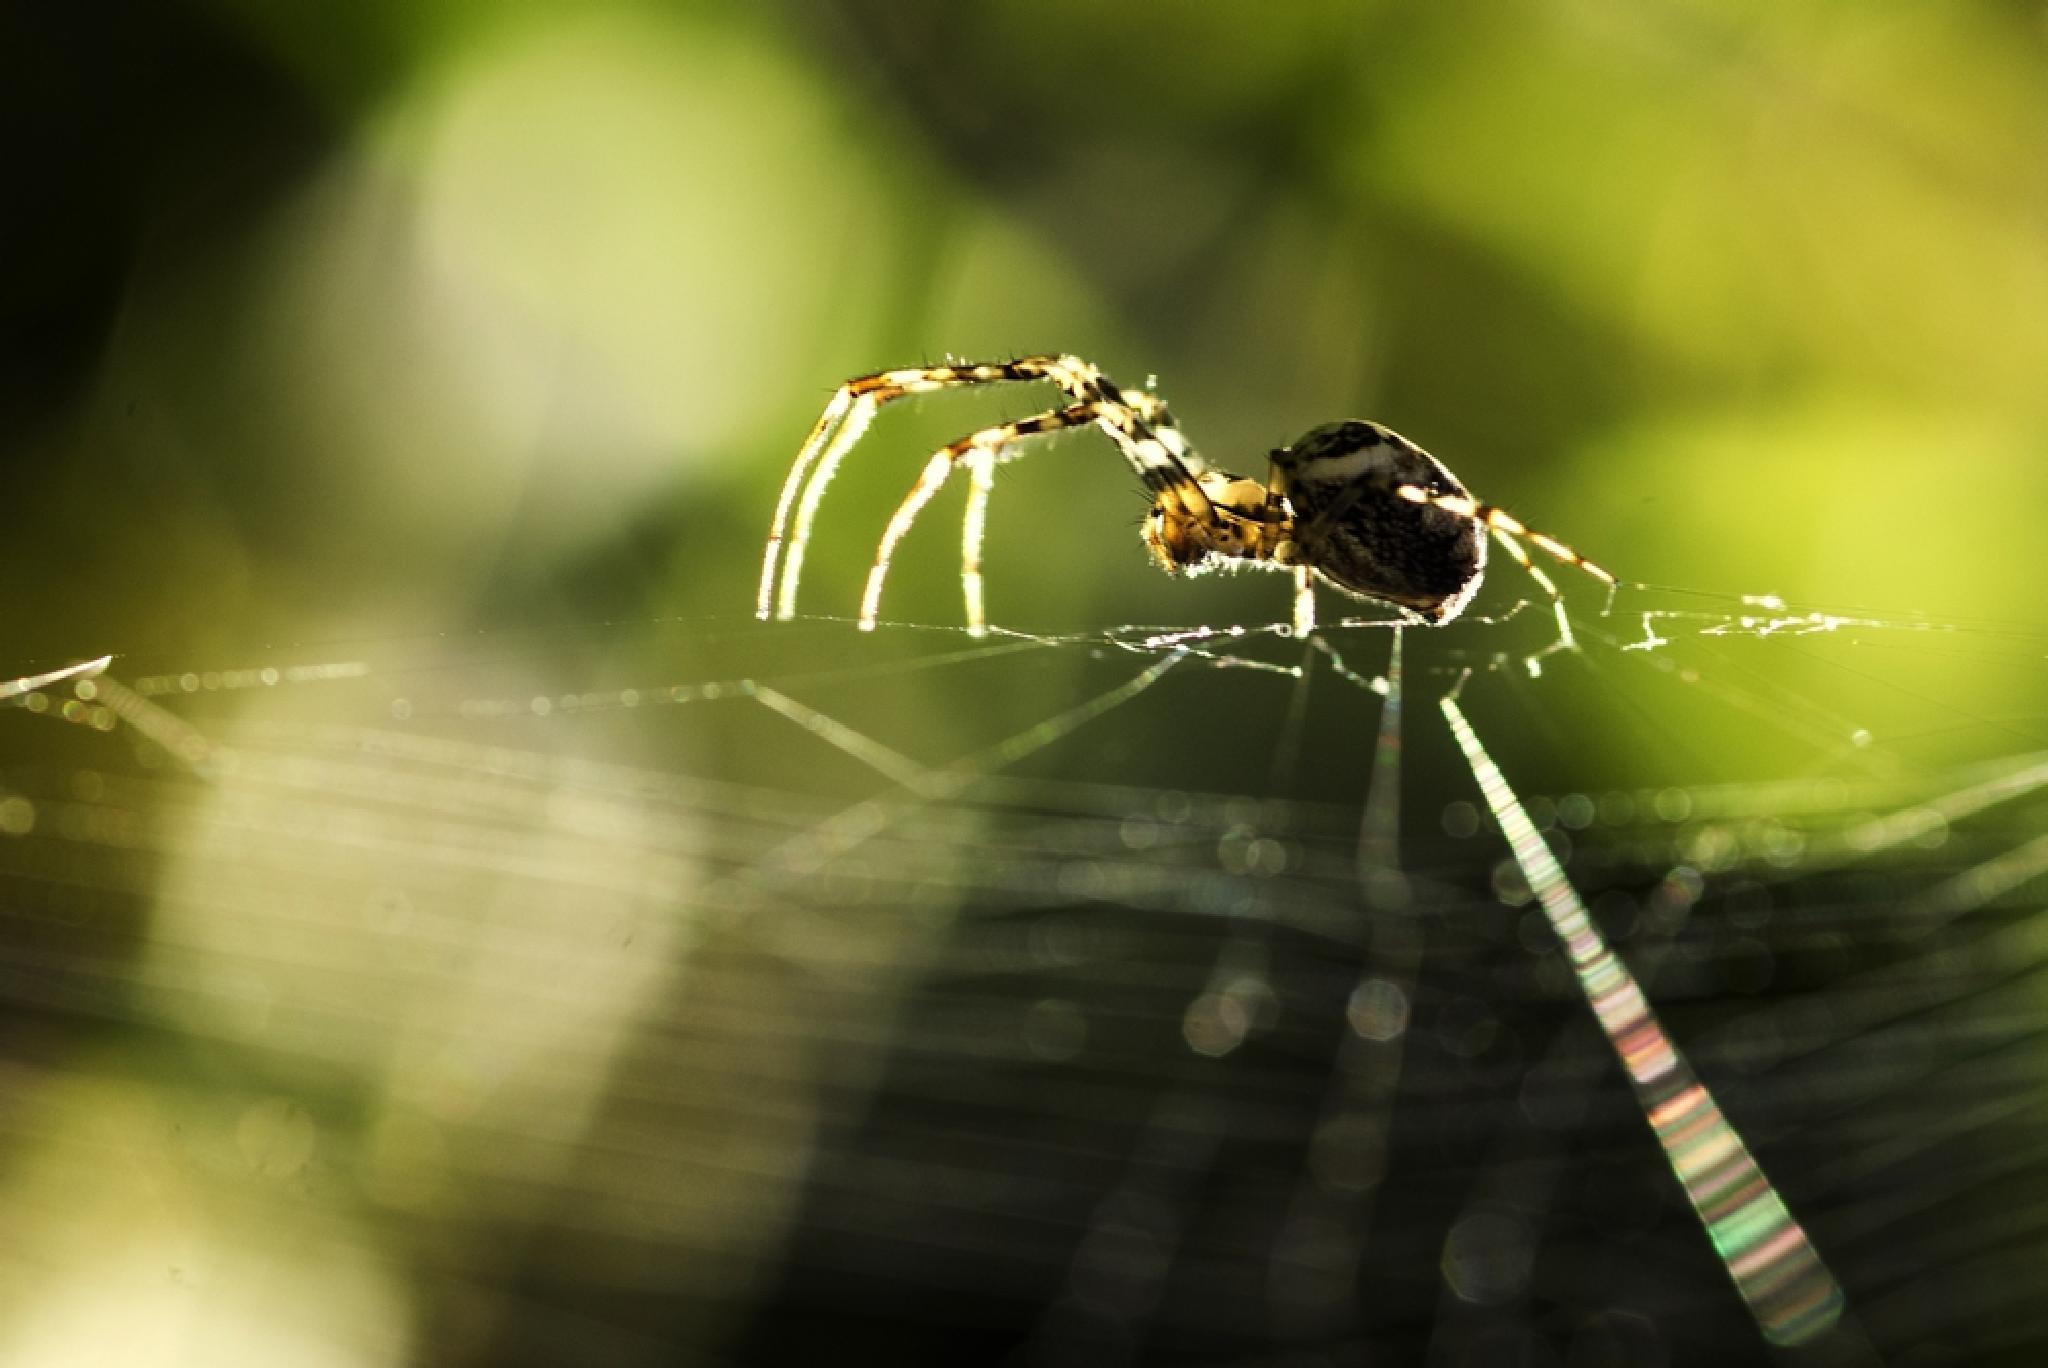 Spider by Erol AYYILDIZ